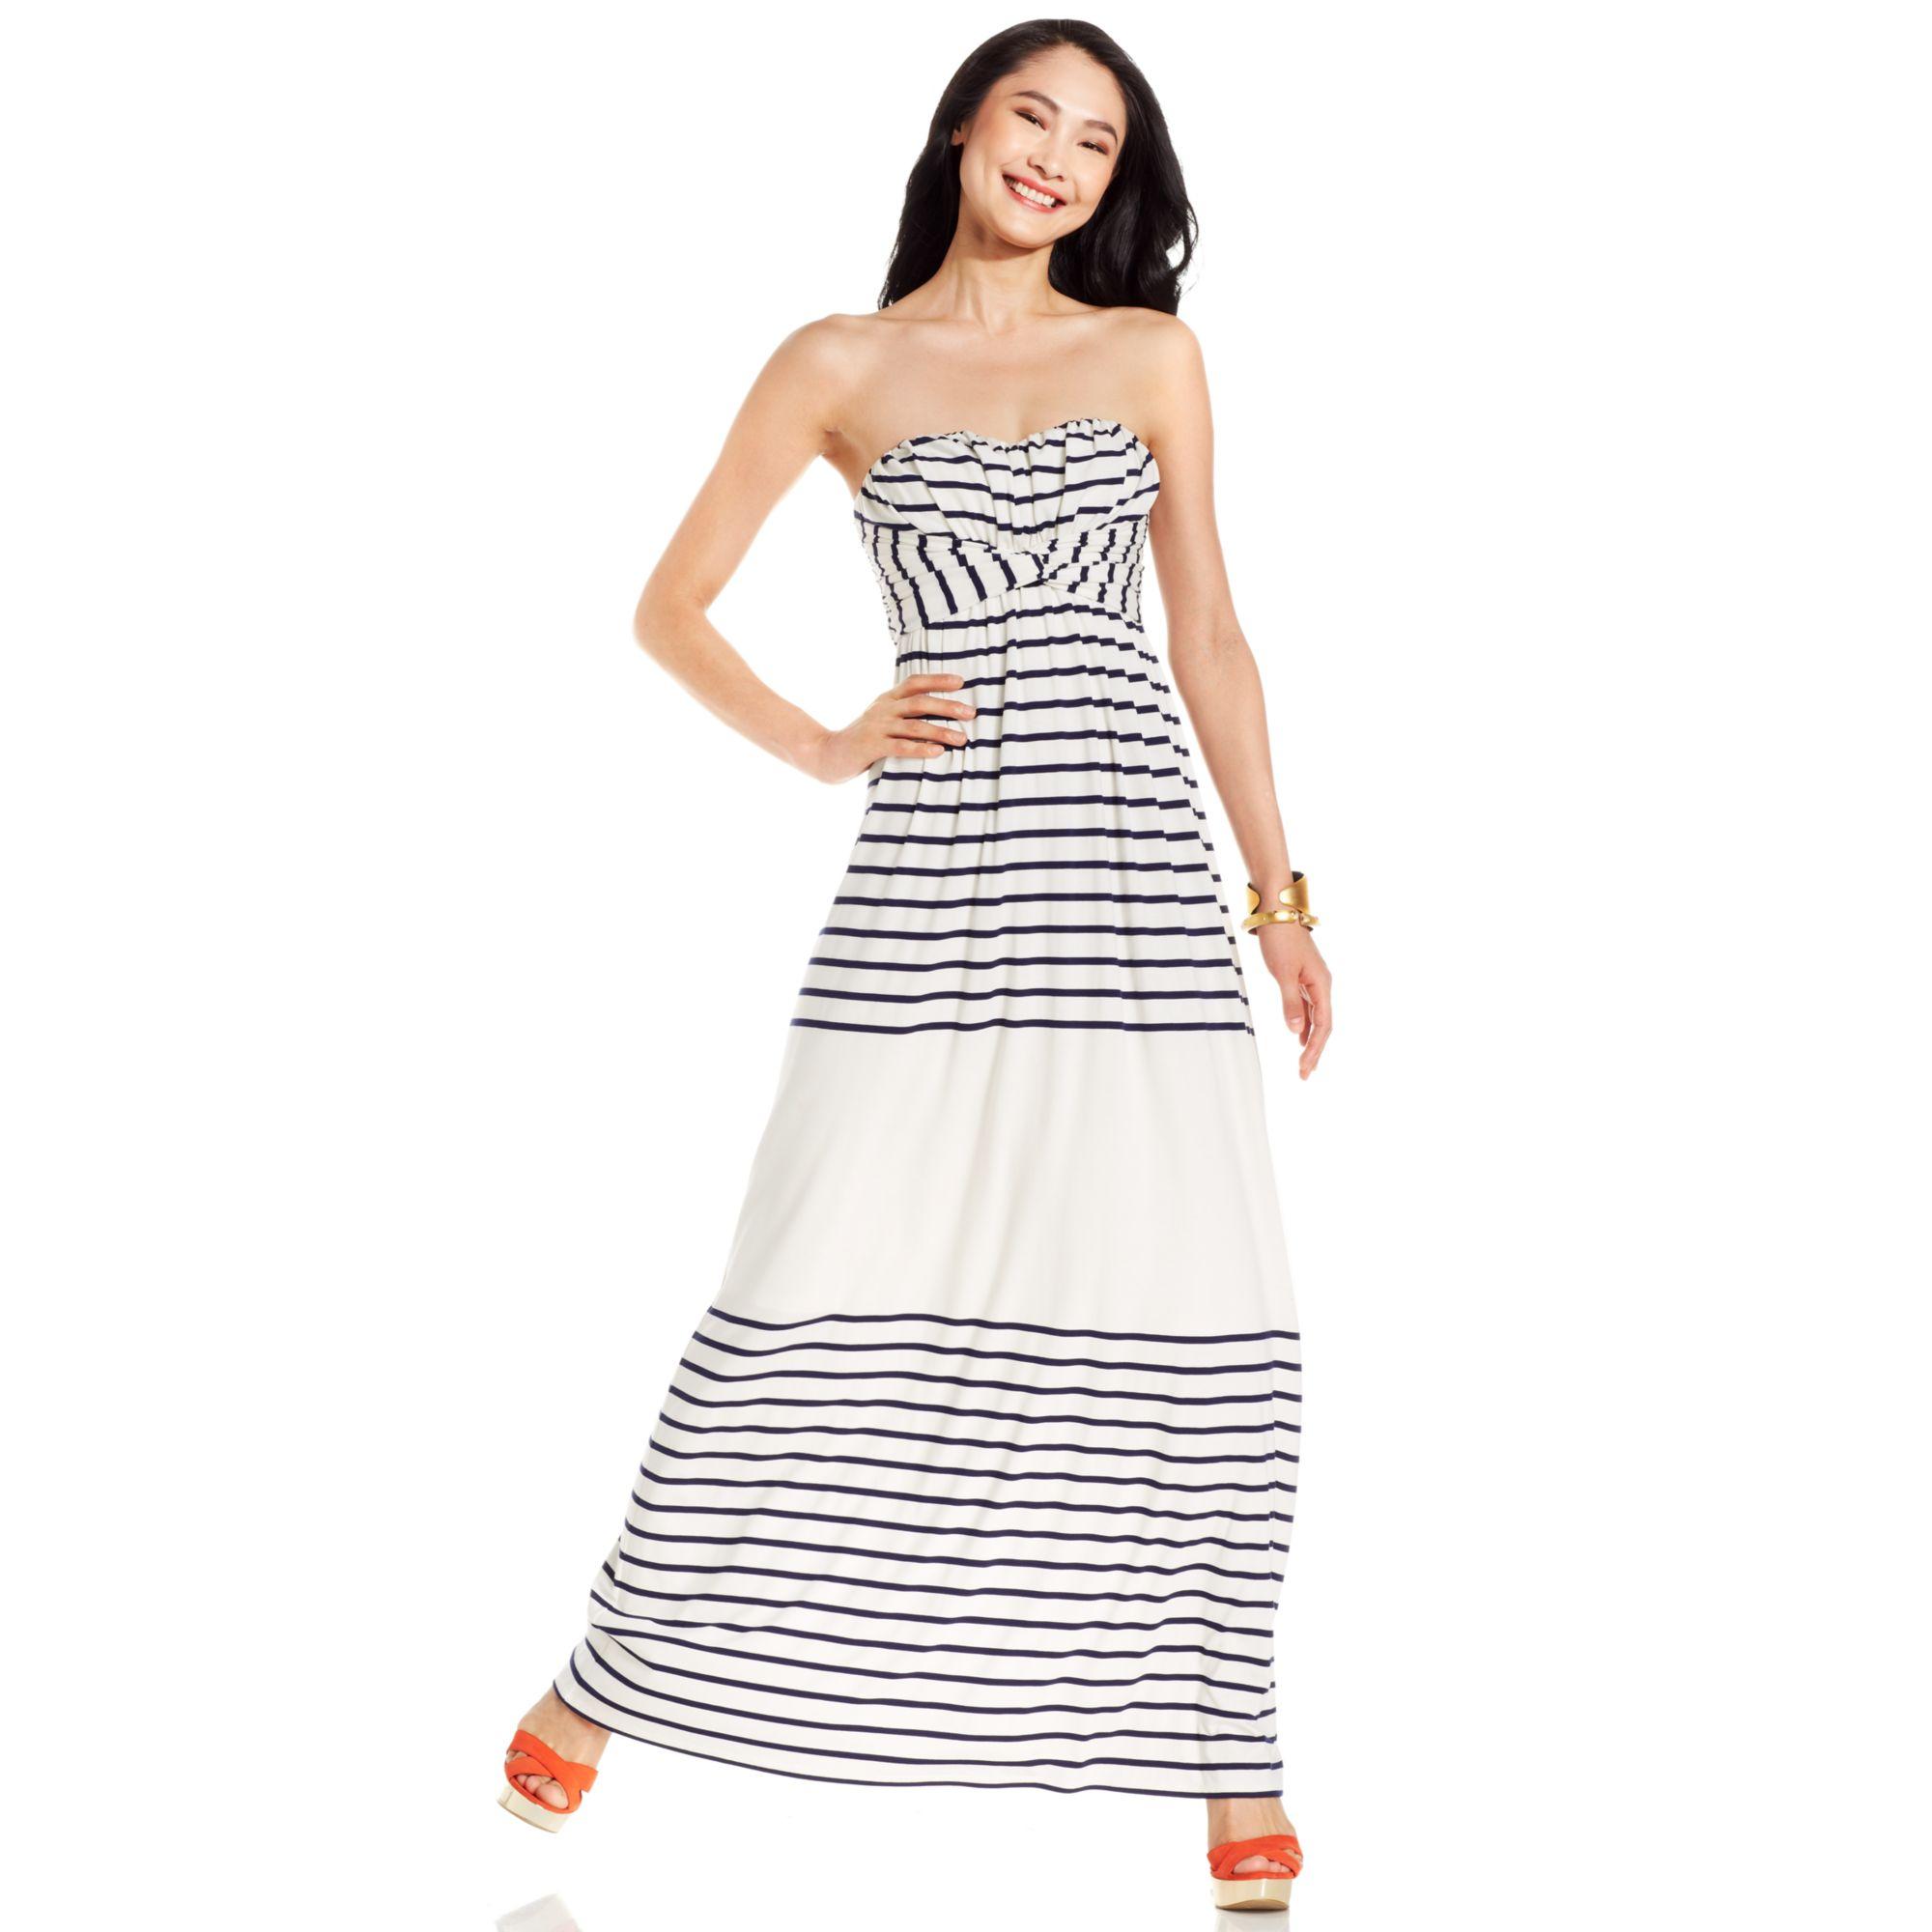 f63e4ea8200c9 Jessica Simpson Dress Strapless Striped Maxi in White - Lyst